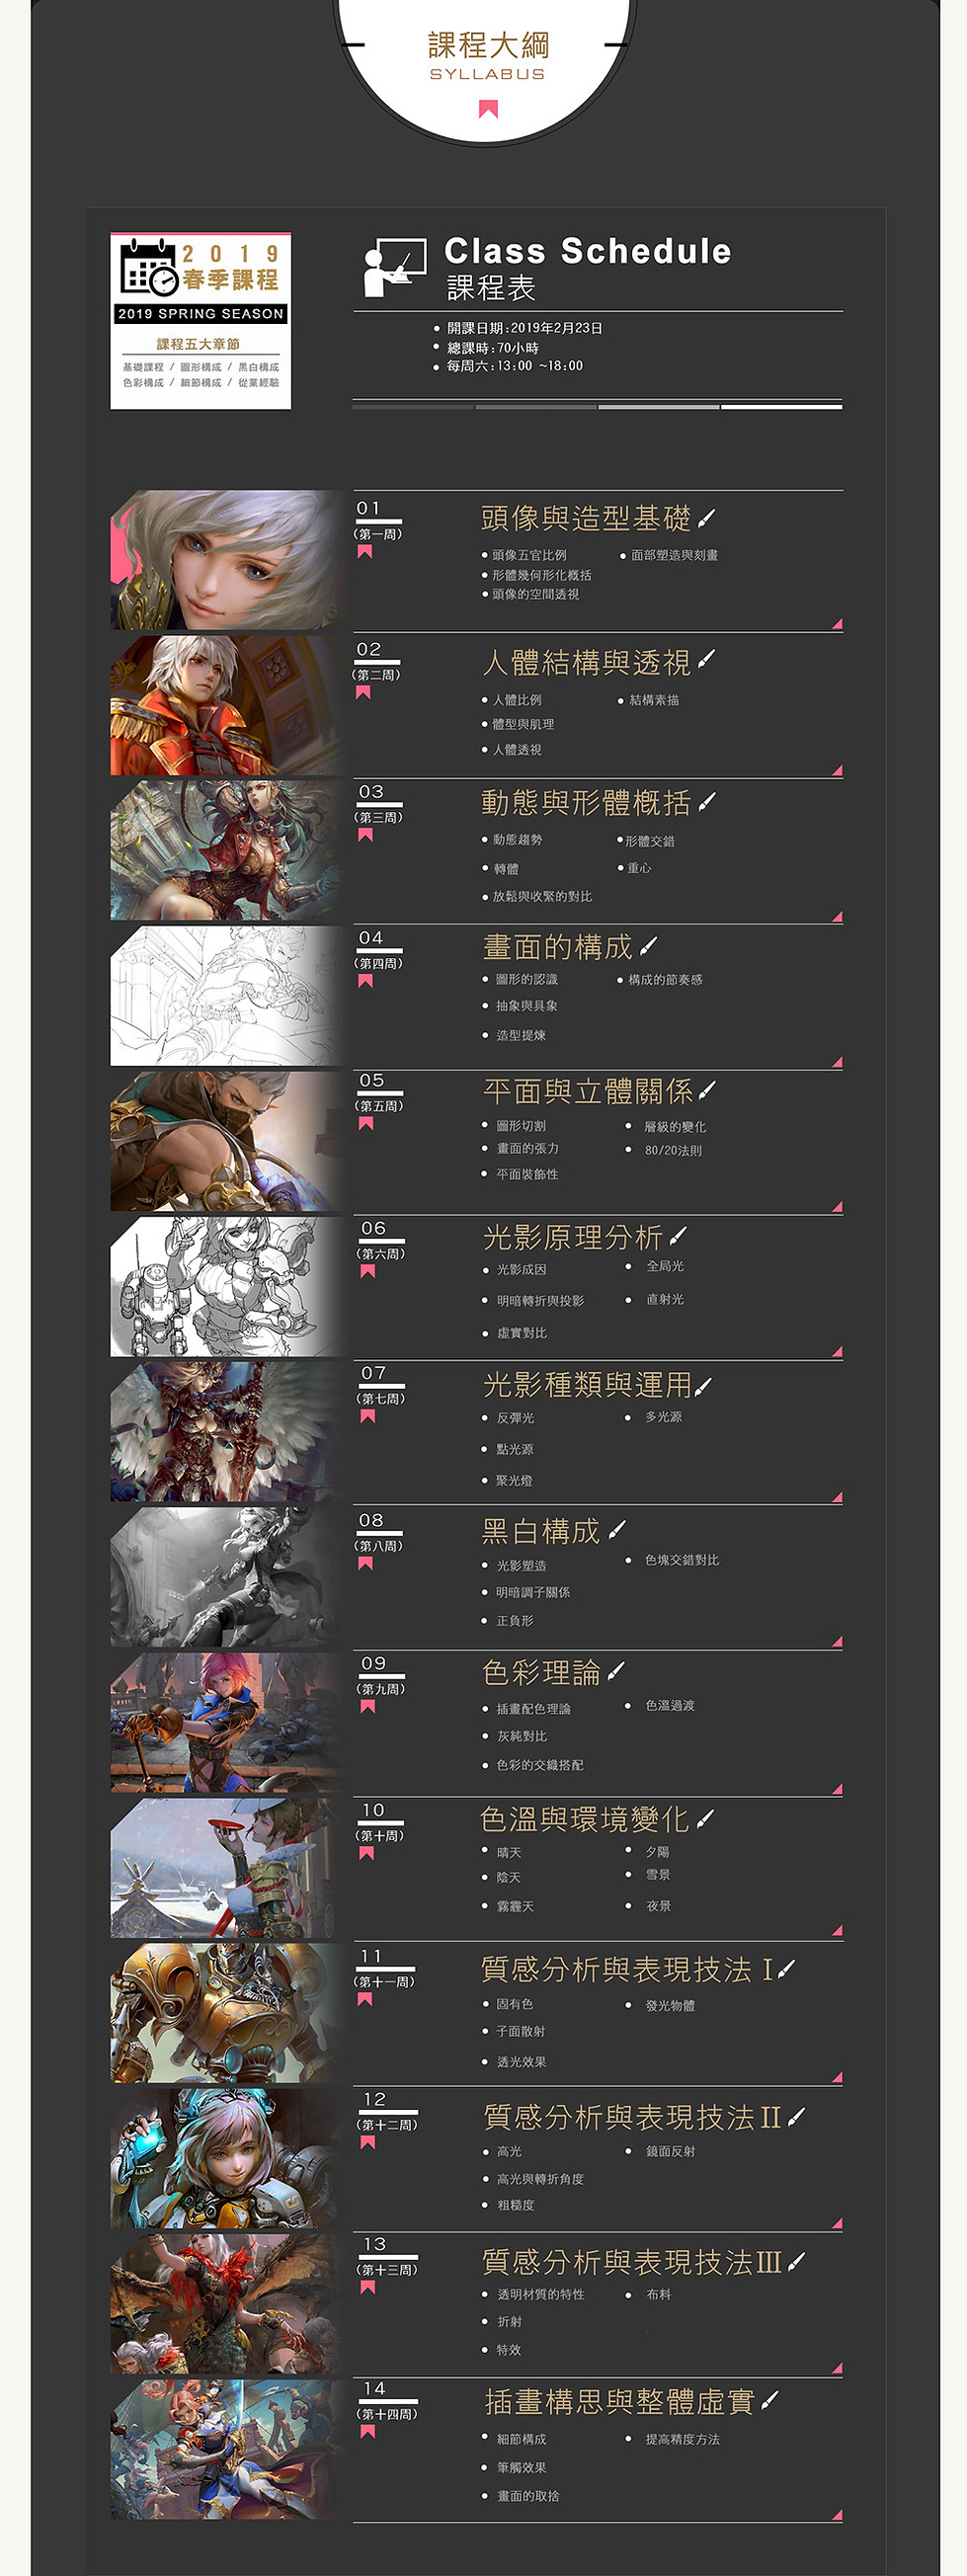 2018年度05-課程大綱New-2019113 line.jpg